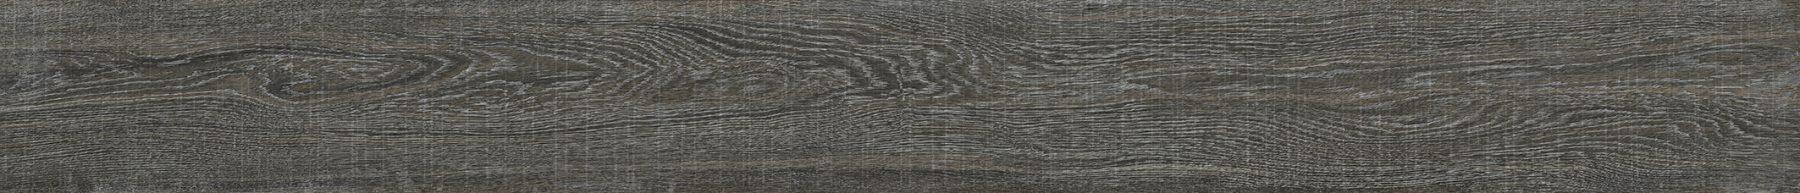 Porcelanosa Devon Black Anti-Slip Tile 19.3 x 180 cm